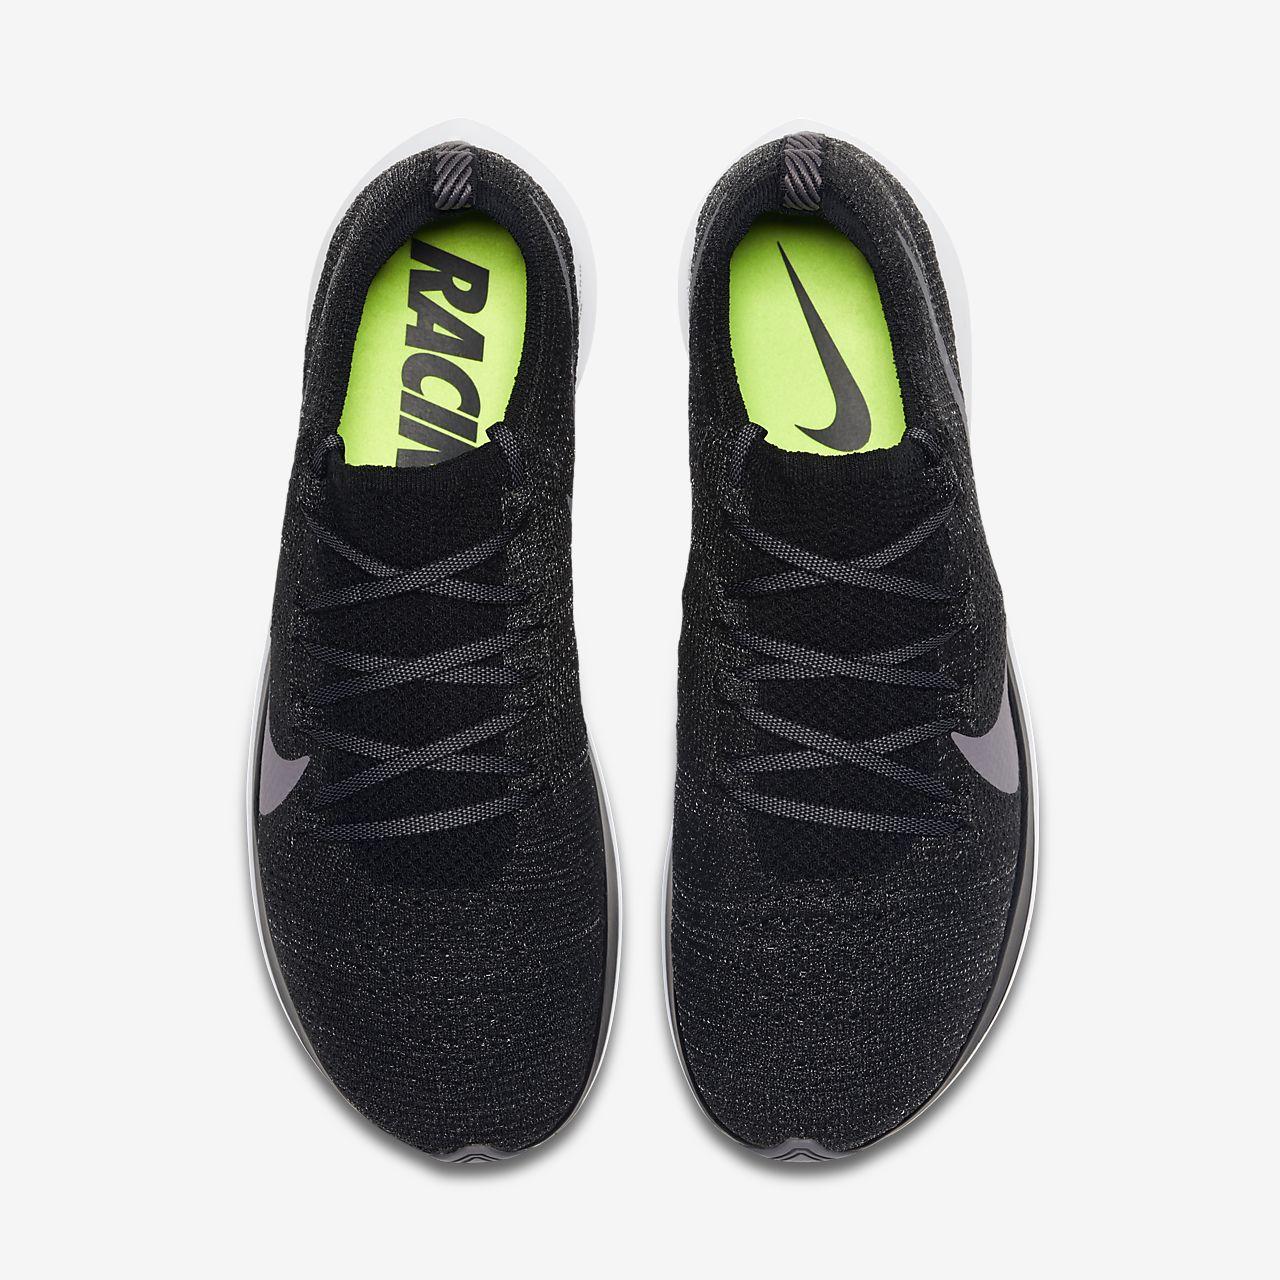 sale retailer bd09c e8cb4 Nike Zoom Fly Flyknit-løbesko til kvinder. Nike.com DK